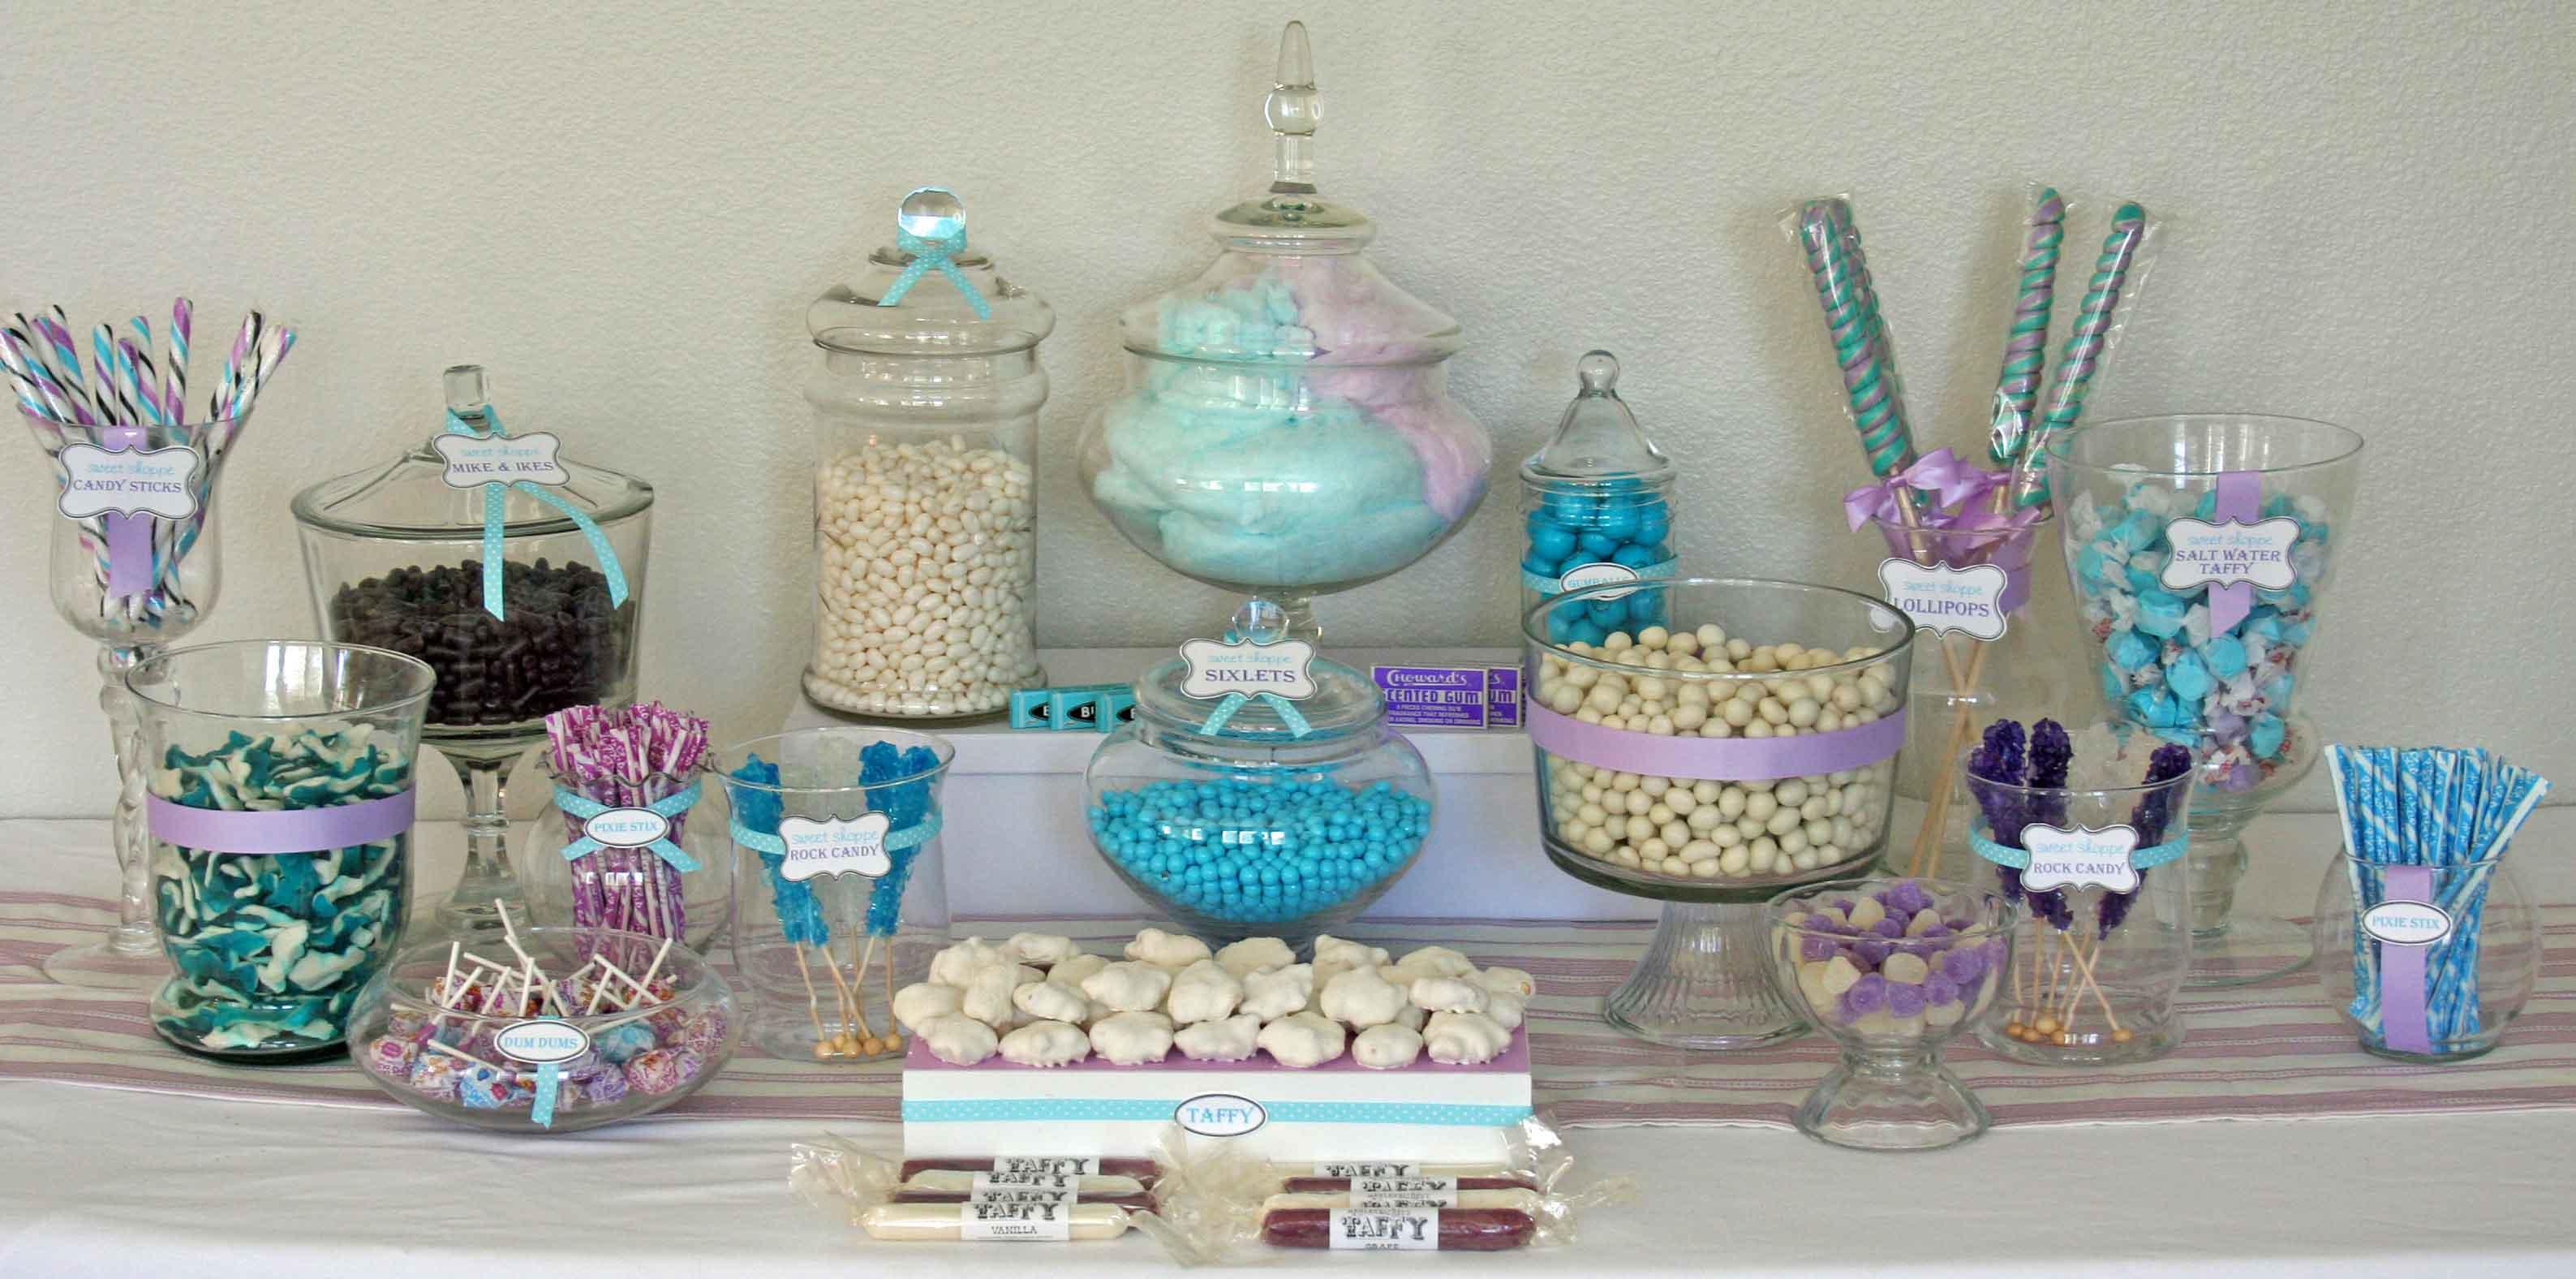 bonbonni res en plastique pour un candy bar r ussi organisation baby shower anniversaire. Black Bedroom Furniture Sets. Home Design Ideas